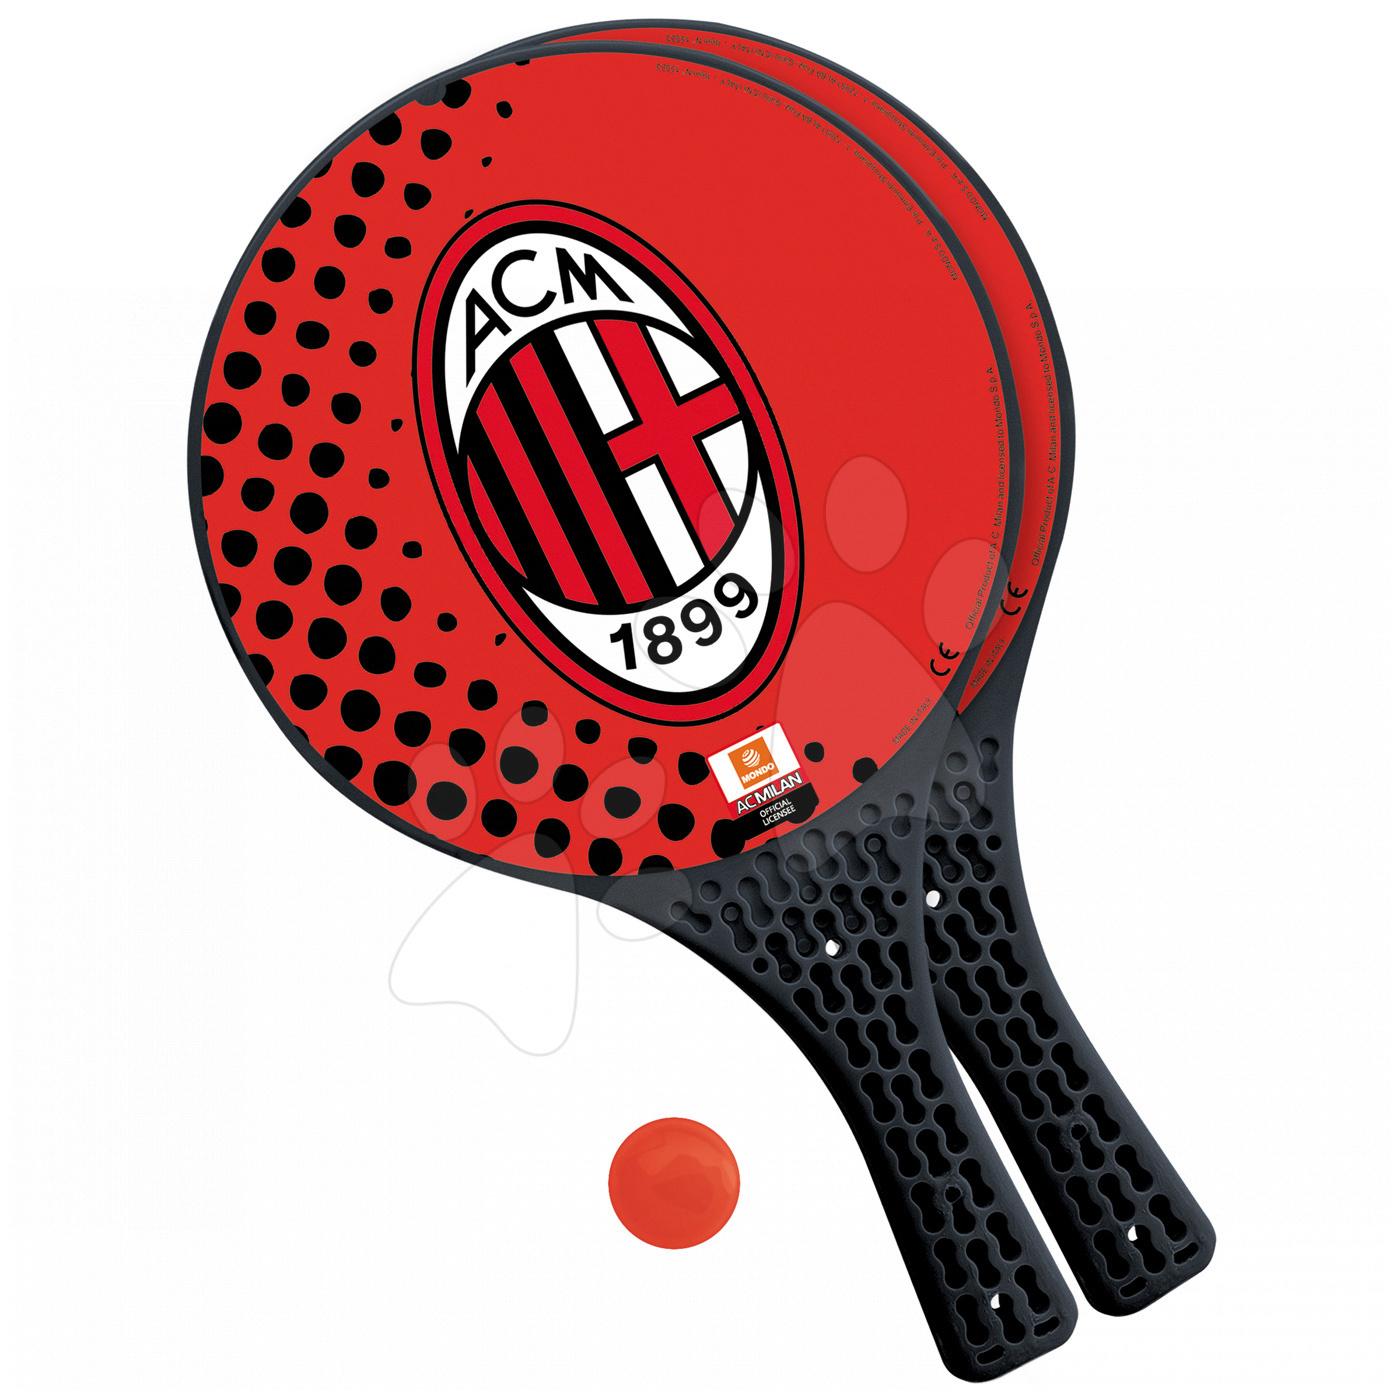 Tenis - Plážový tenis A. C. Milano Mondo s 2 raketami a loptičkou červený